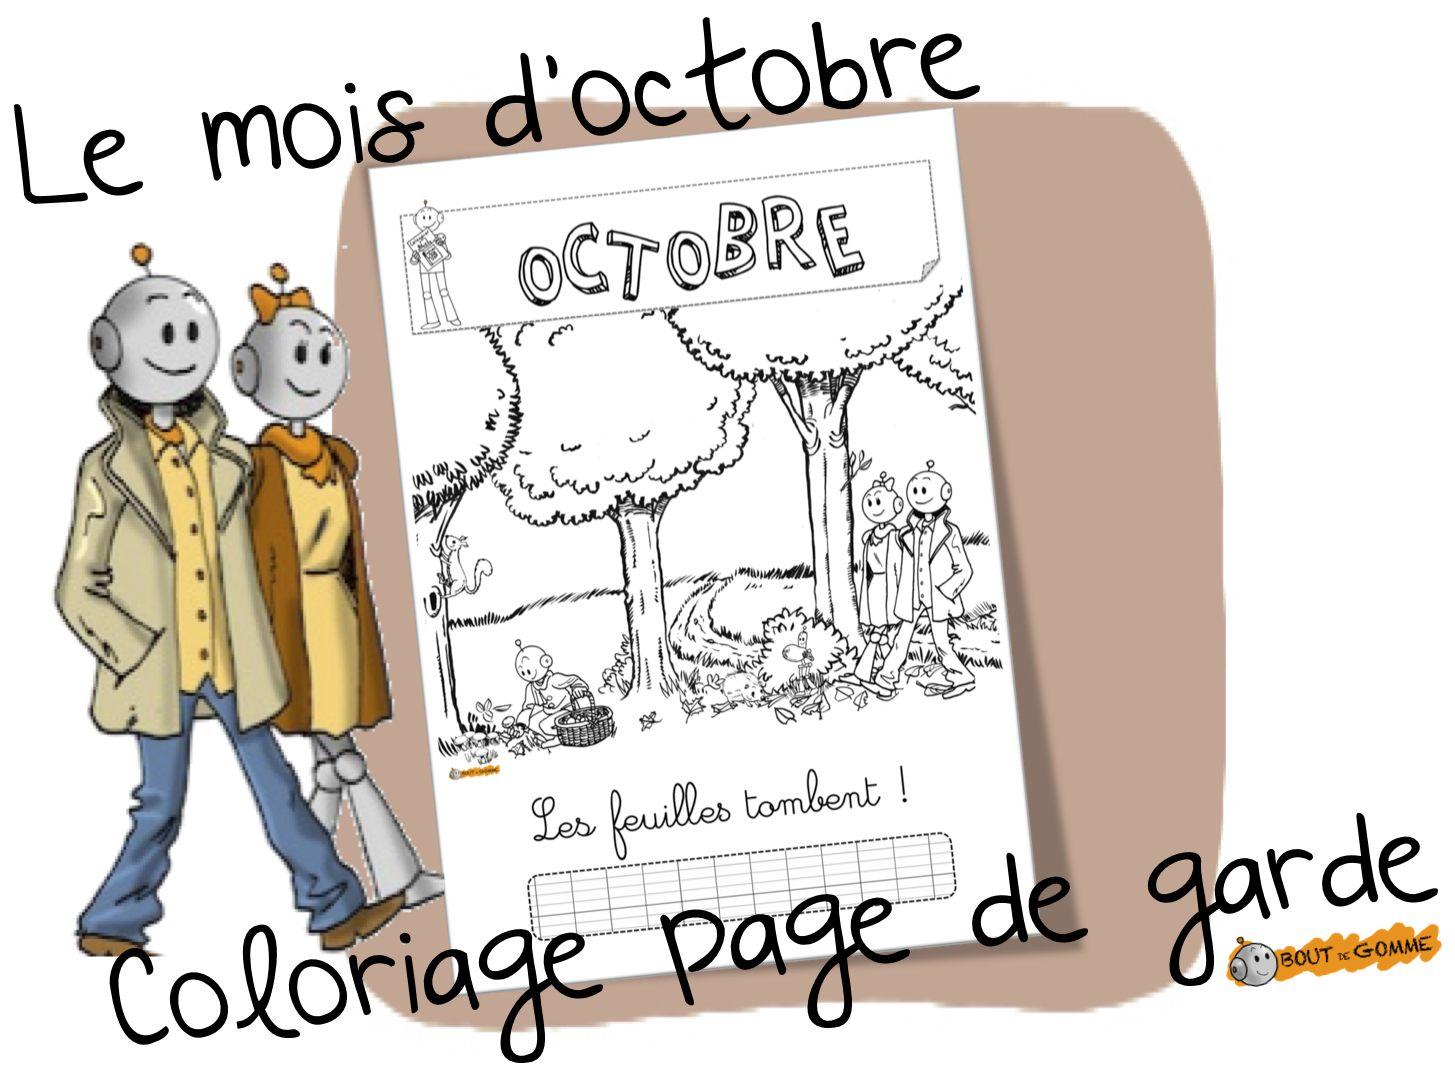 Coloriage Cp Octobre.Mois D Octobre Coloriage De La Page De Garde Bout De Gomme